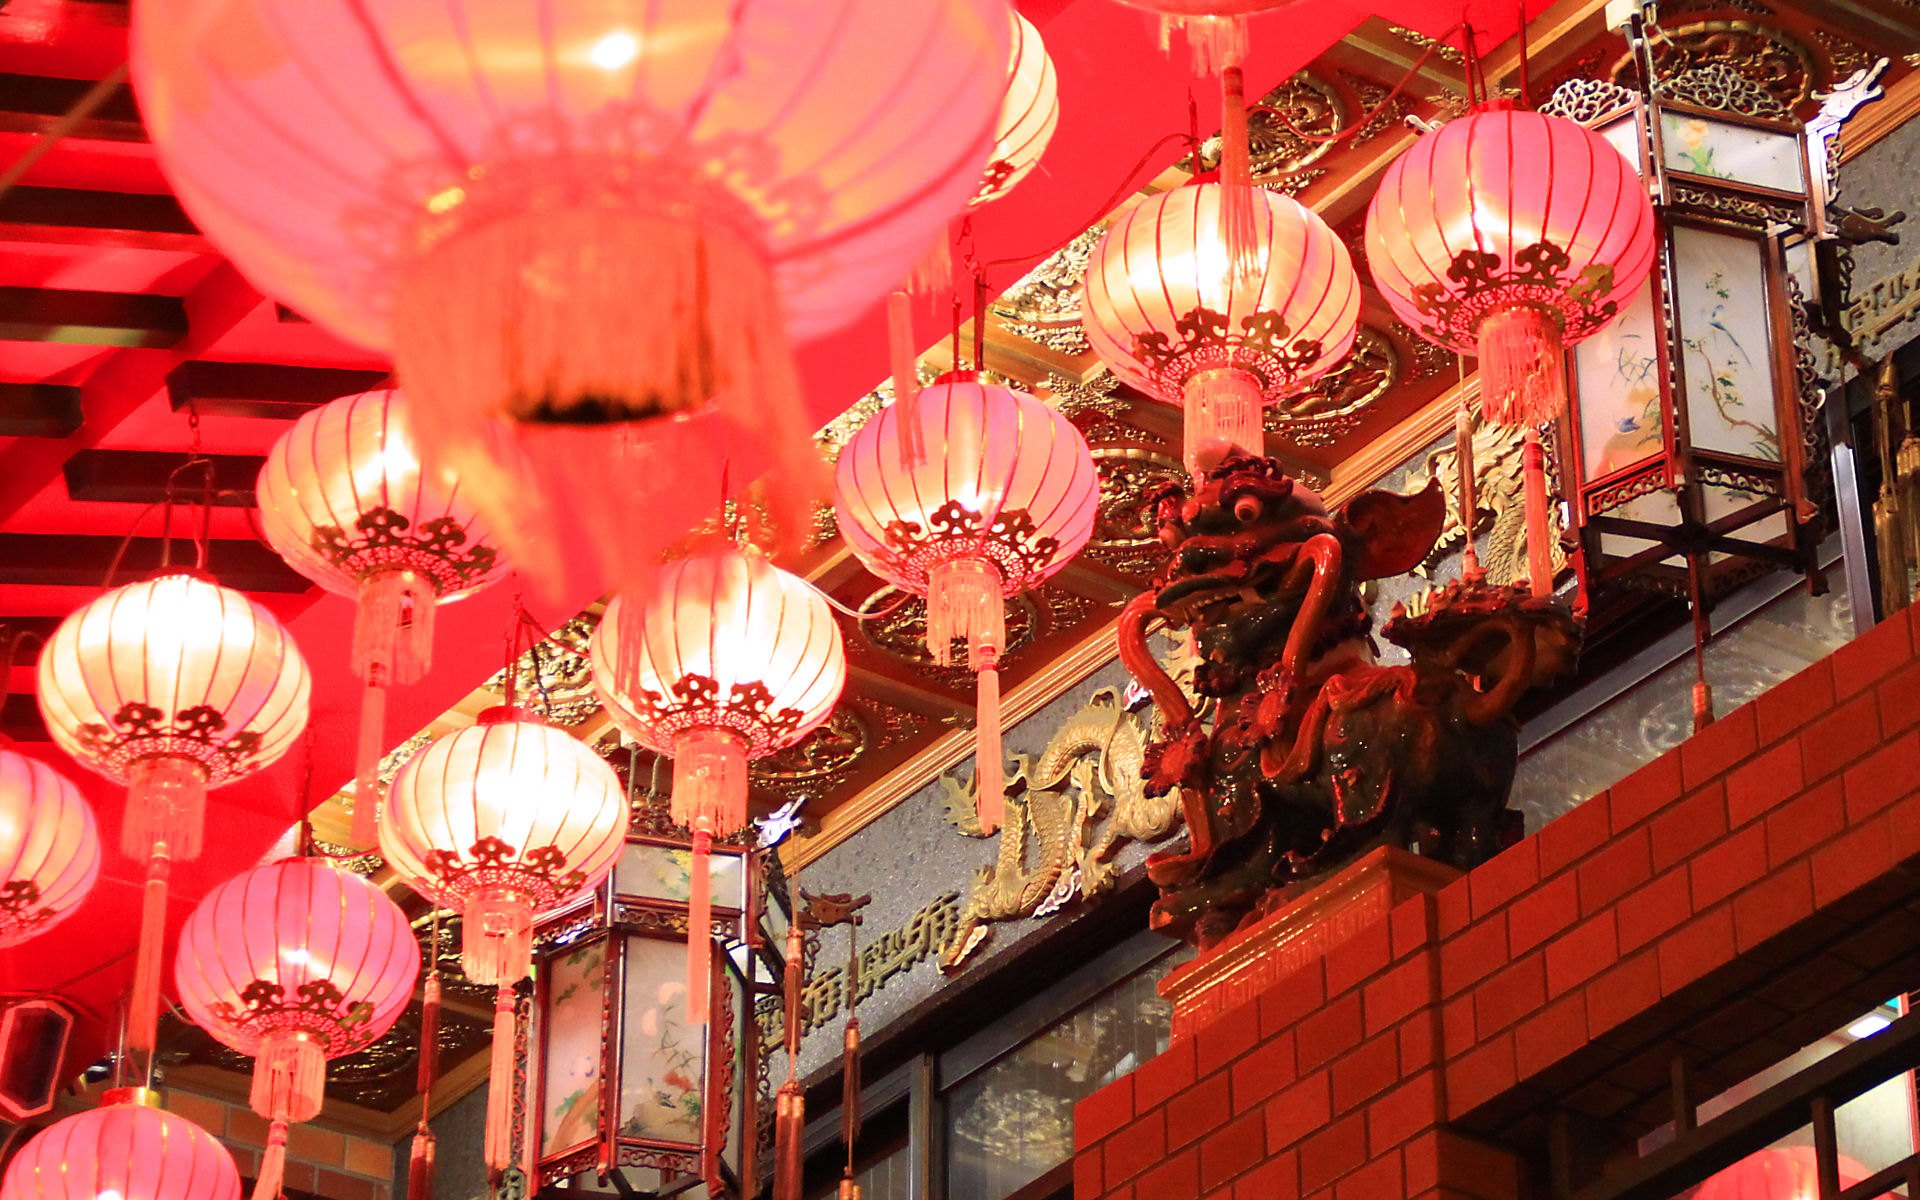 神戸南京町春節祭の夜景と中国提灯/WUXGA1920×1200